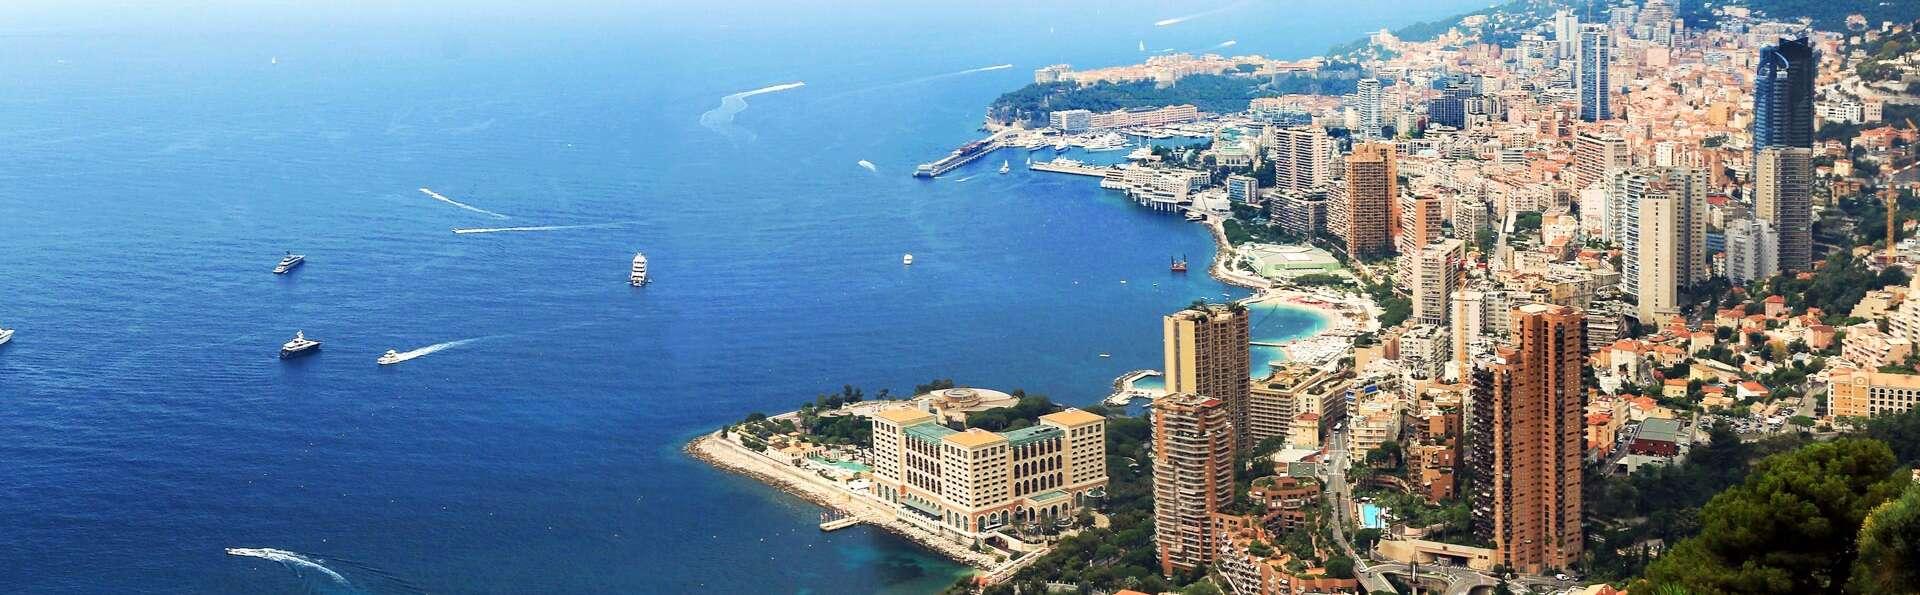 Hôtel Ambassador Monaco - EDIT_MONACO_02.jpg